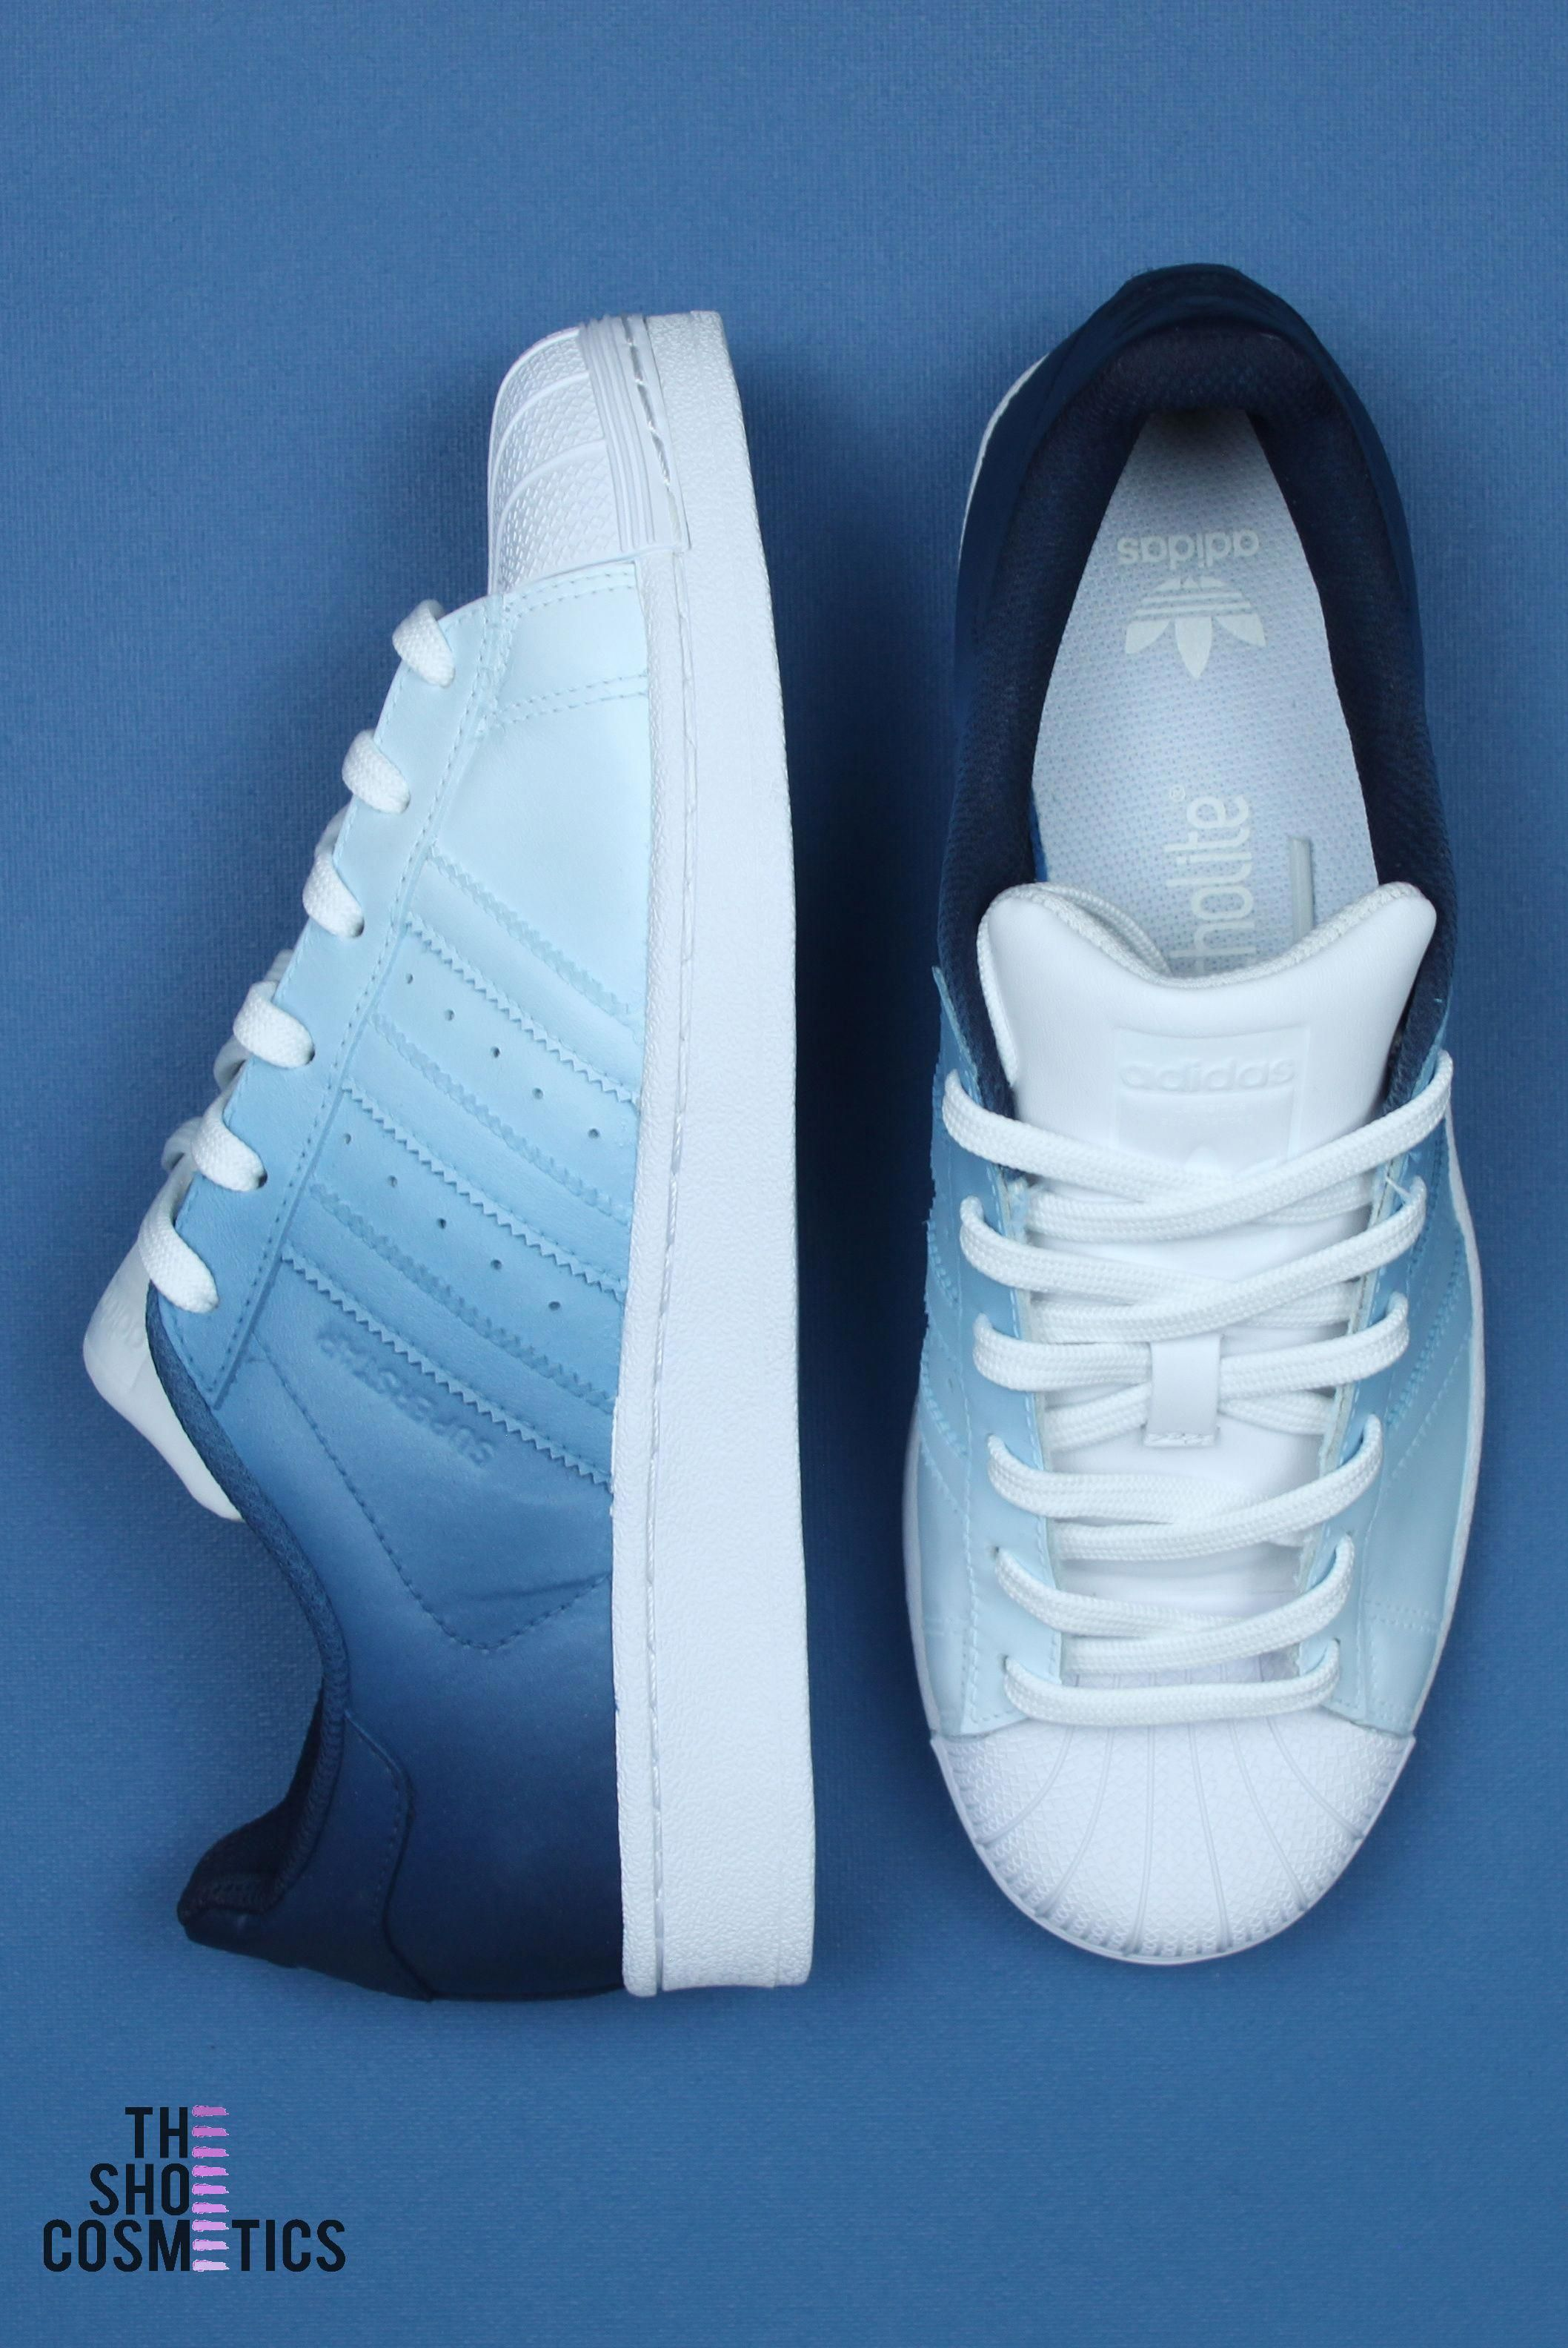 Épinglé sur Chaussure basket